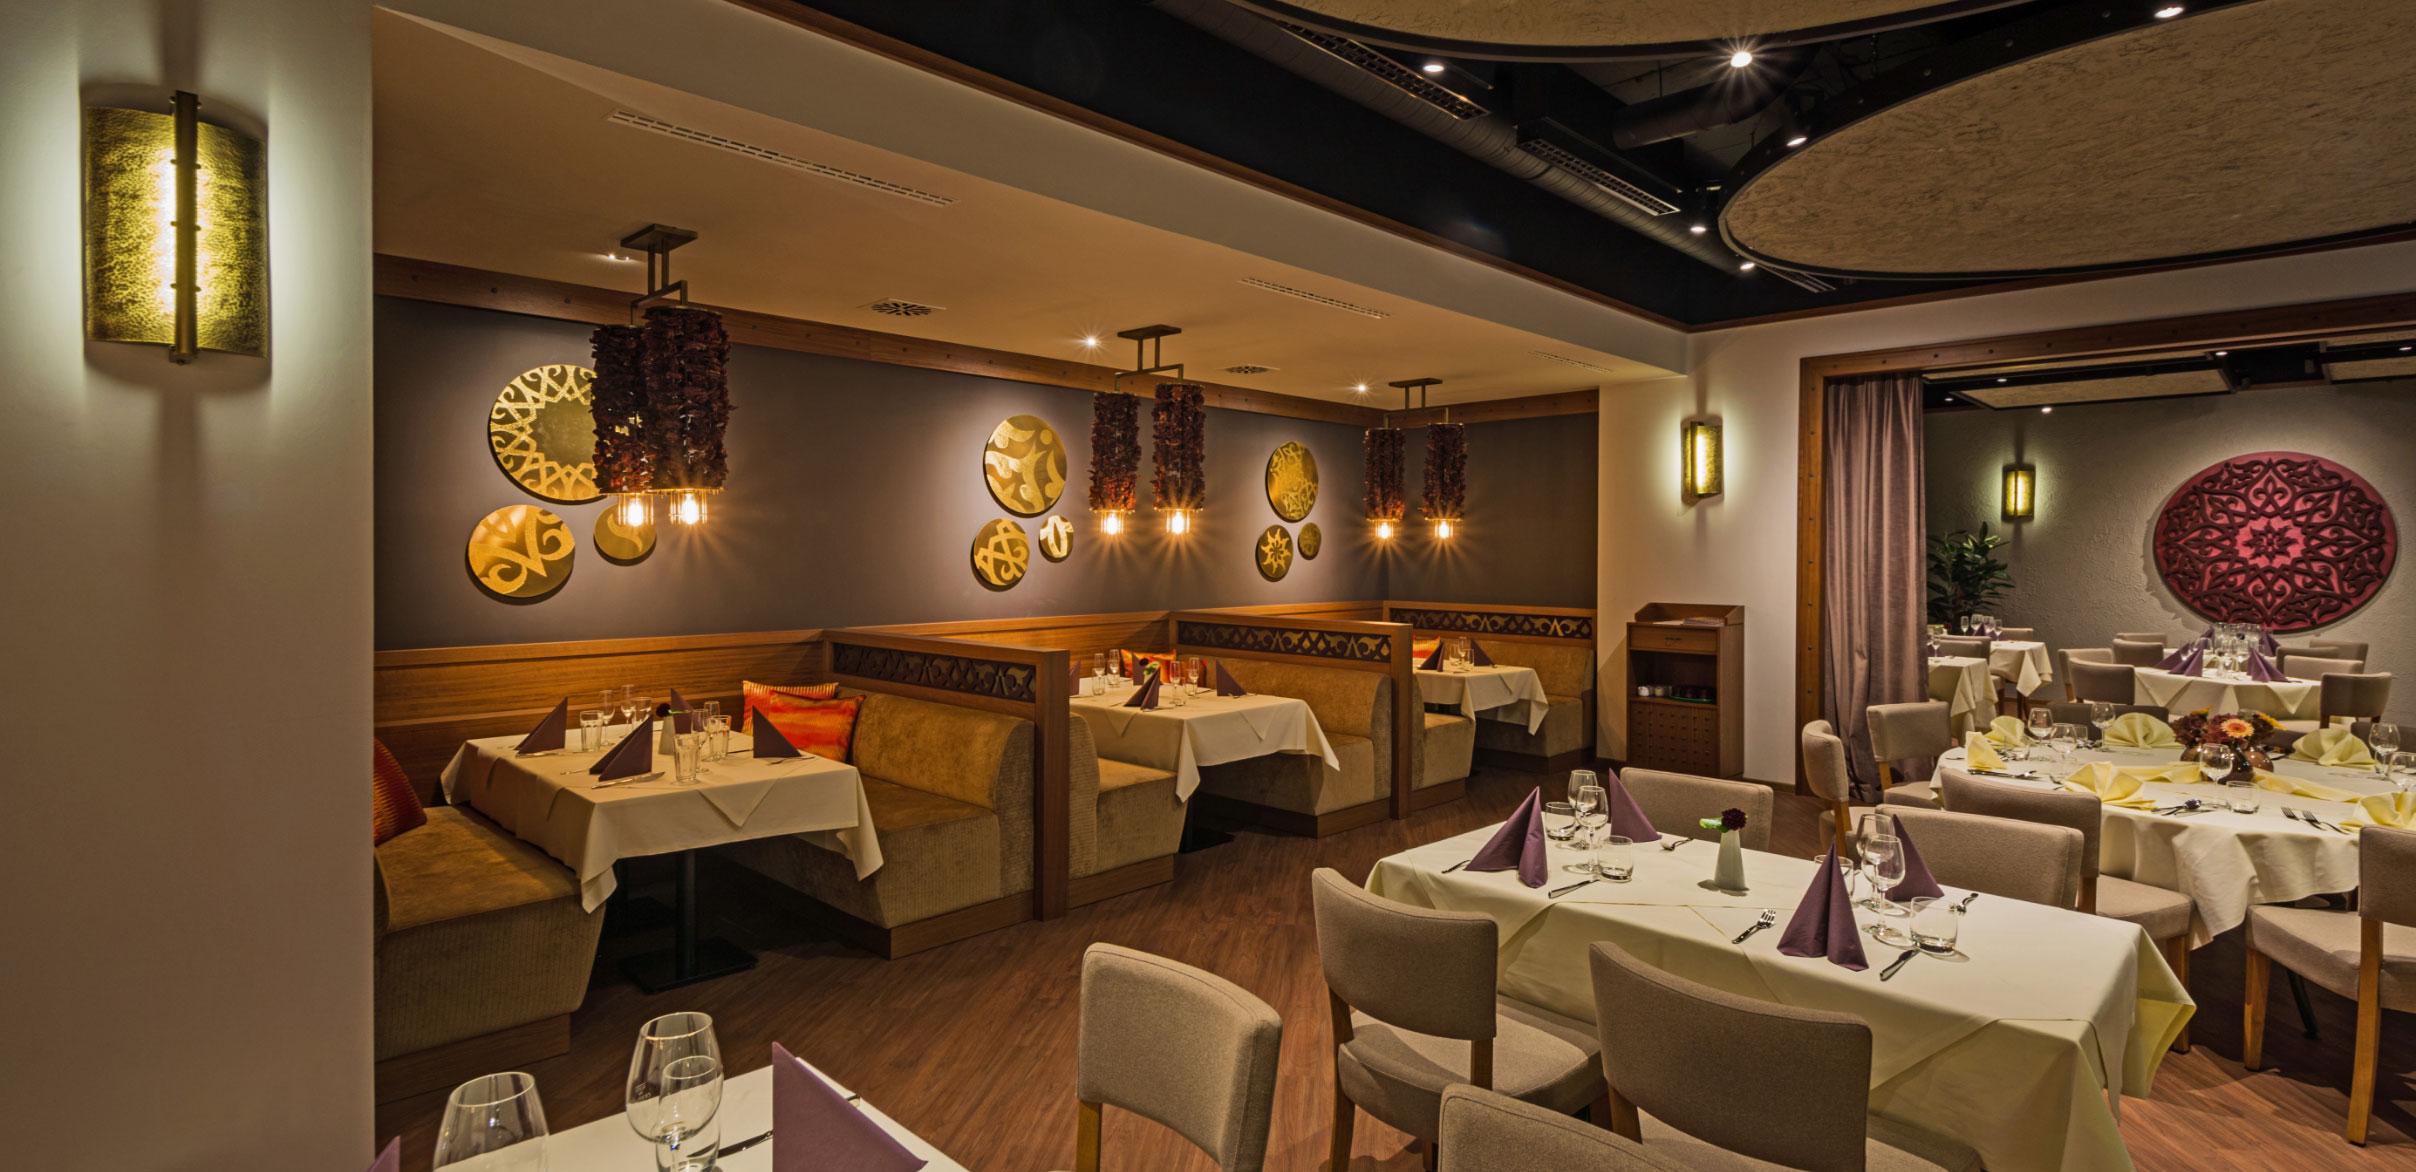 Türkische Restaurants In Nürnberg